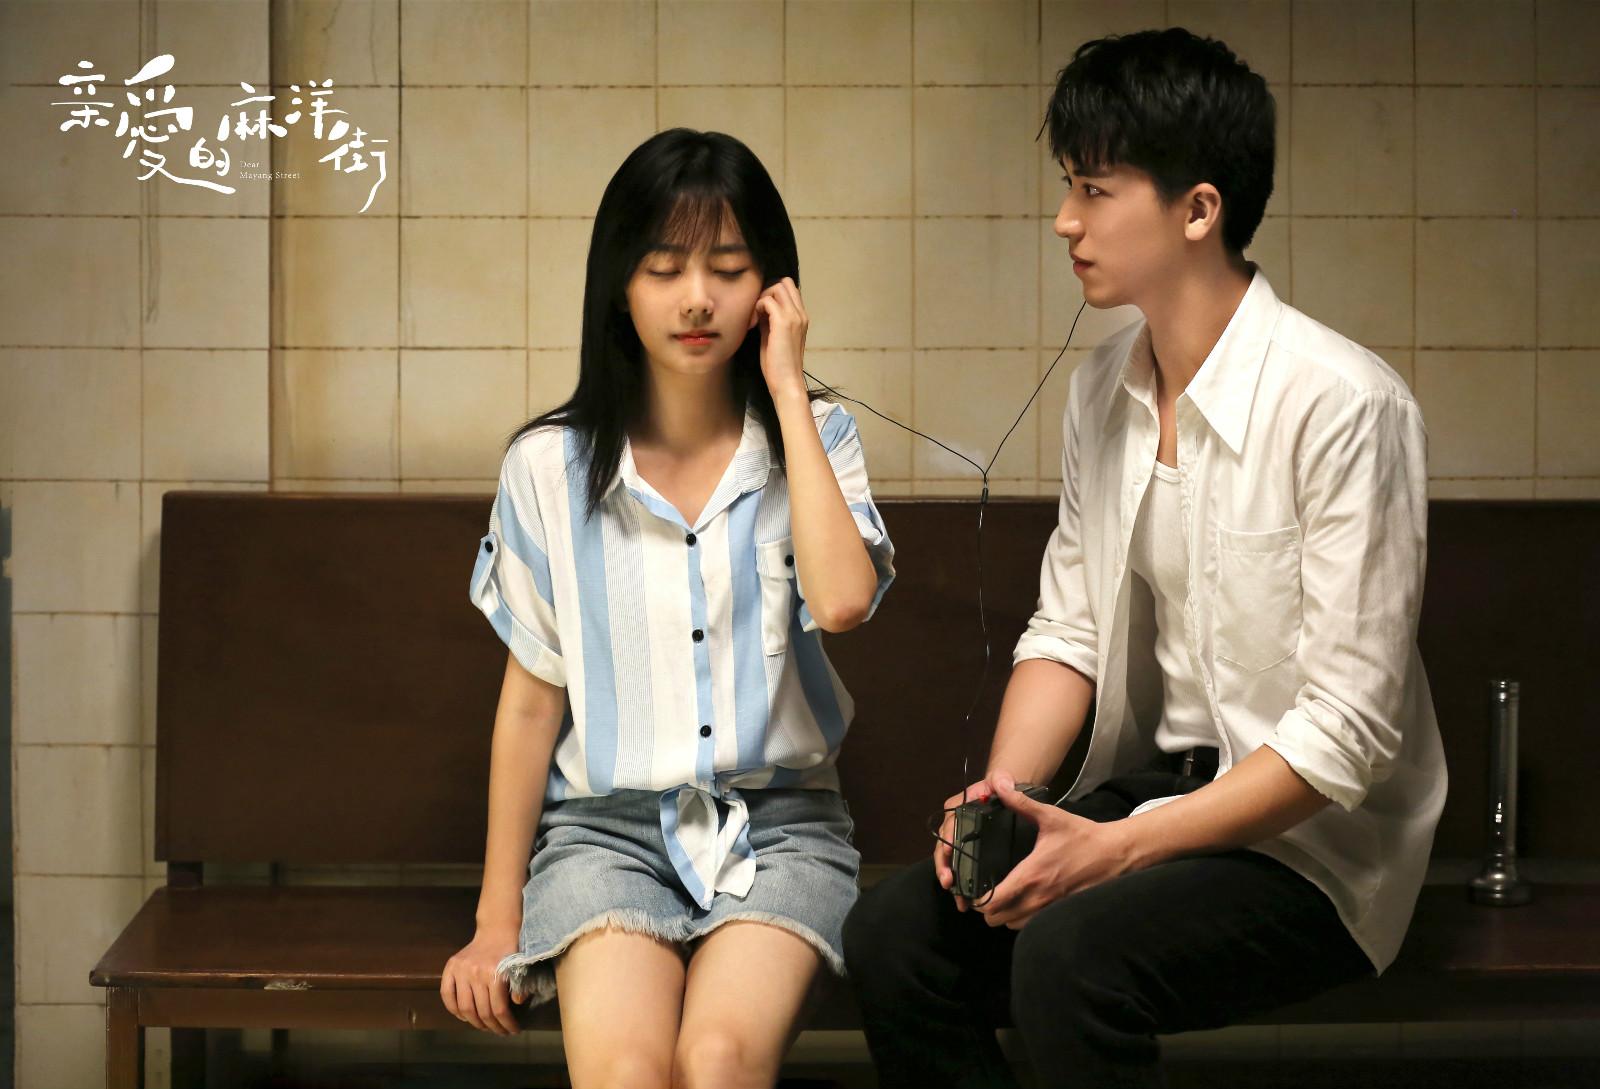 《亲爱的麻洋街》首播,牛骏峰谭松韵演技是惊喜,剧情悬浮缺地气